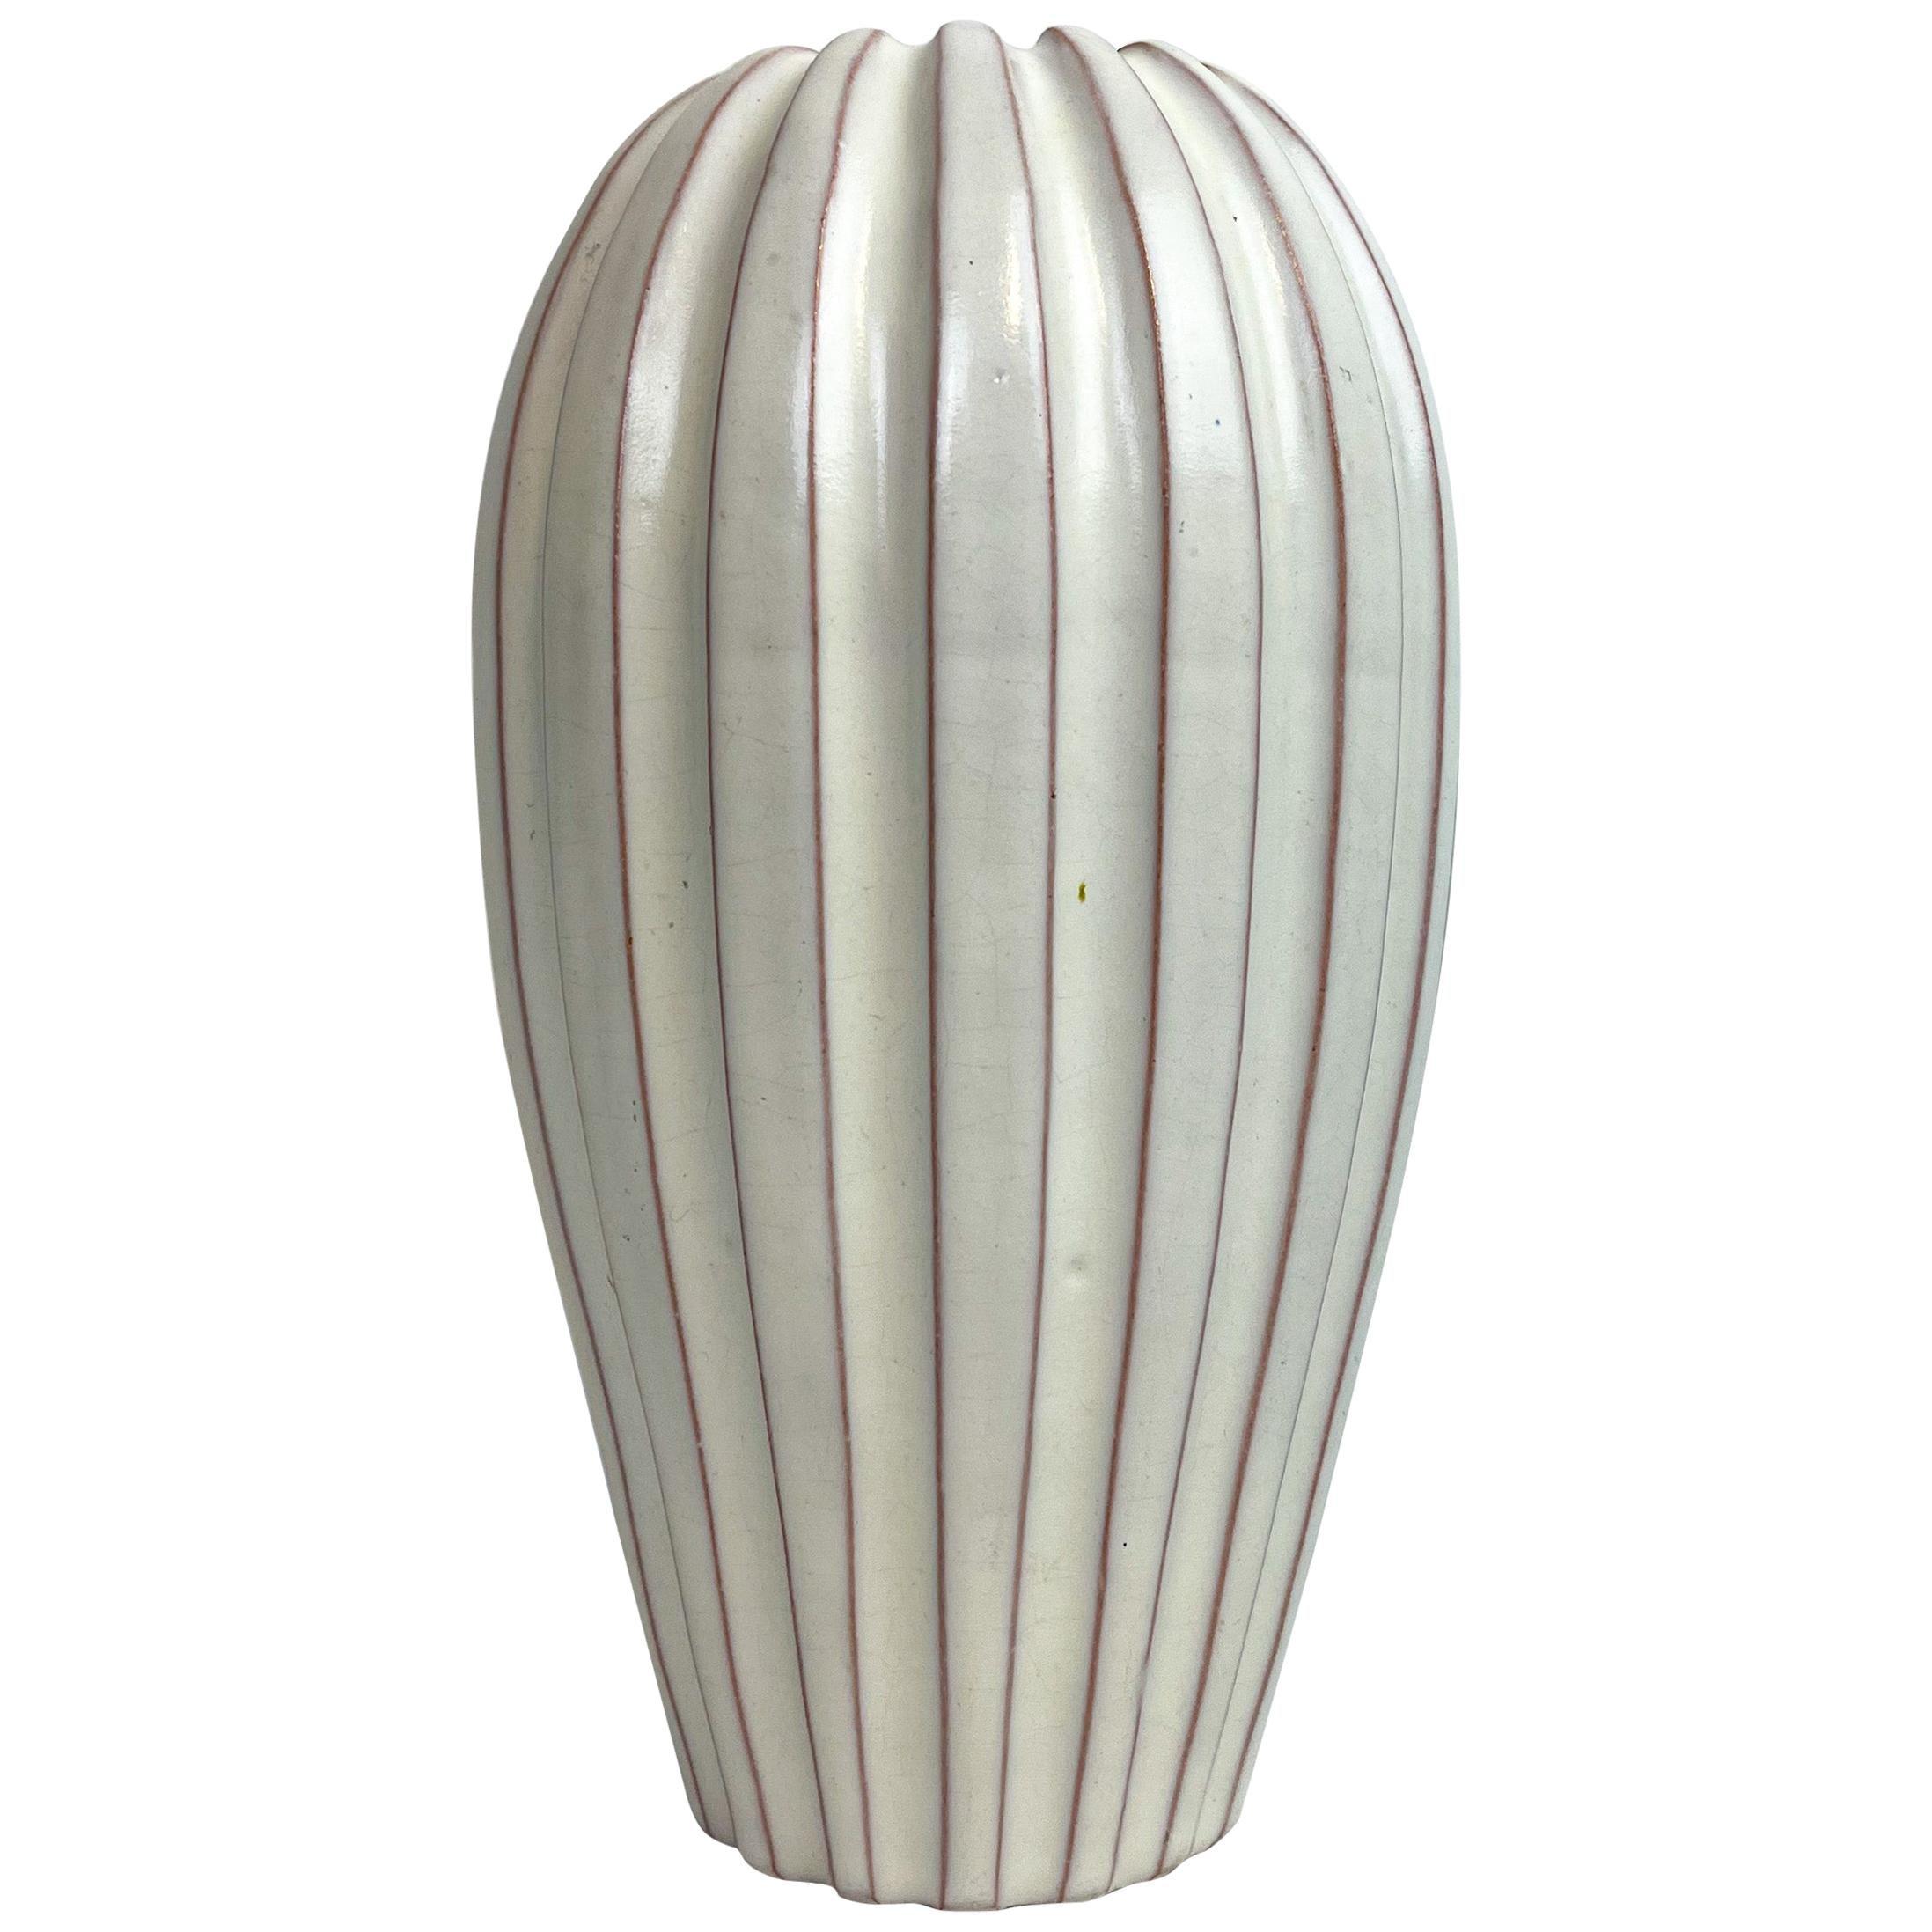 Midcentury Vase by Vicke Lindstrand, 1940s, Sweden